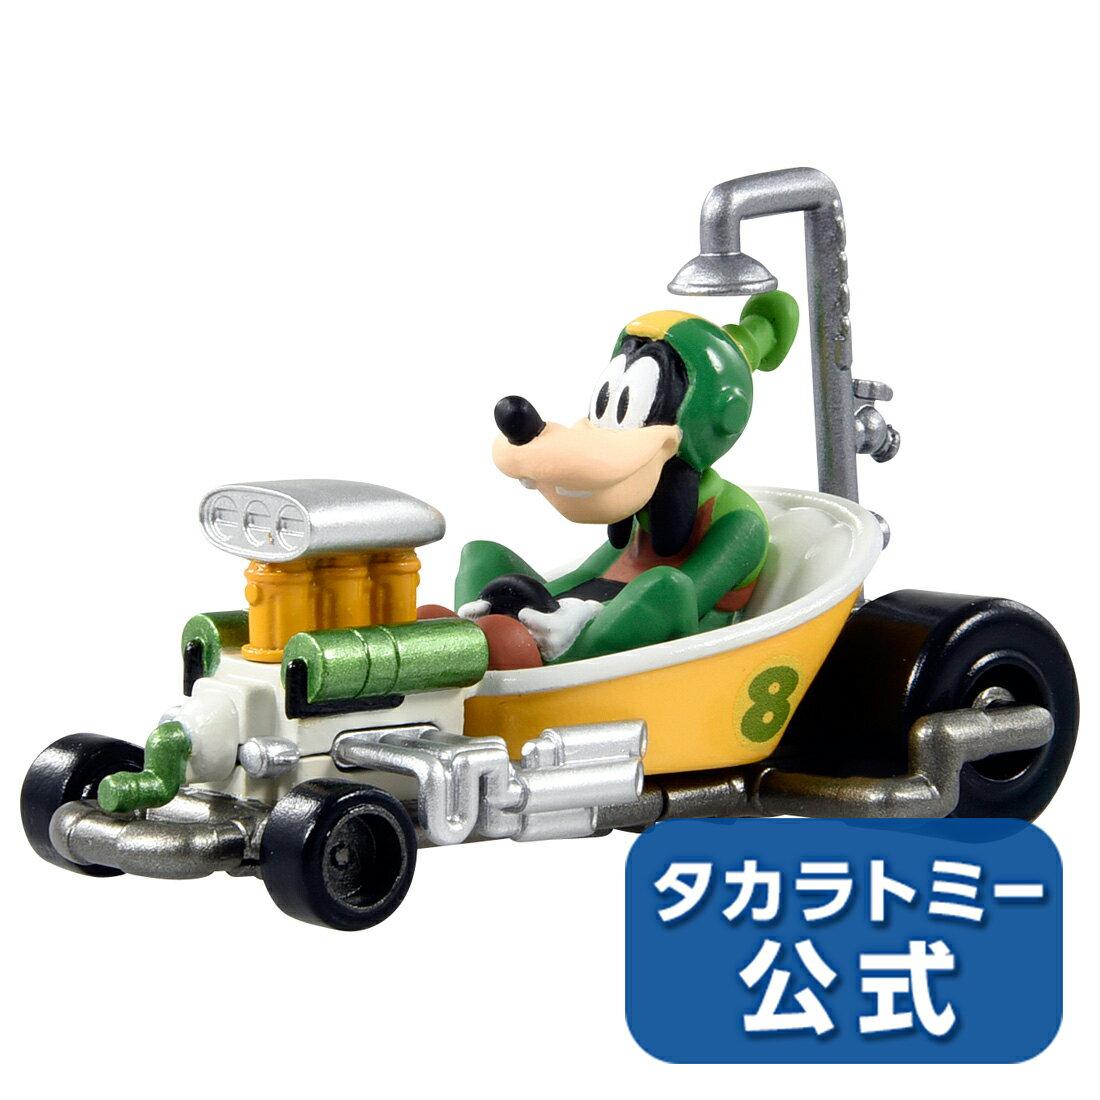 ミッキーマウスとロードレーサーズトミカMRR-03オフロー・ターボグーフィー【Disney_d】【180914dl】【takaratomy12】【endsale_18】